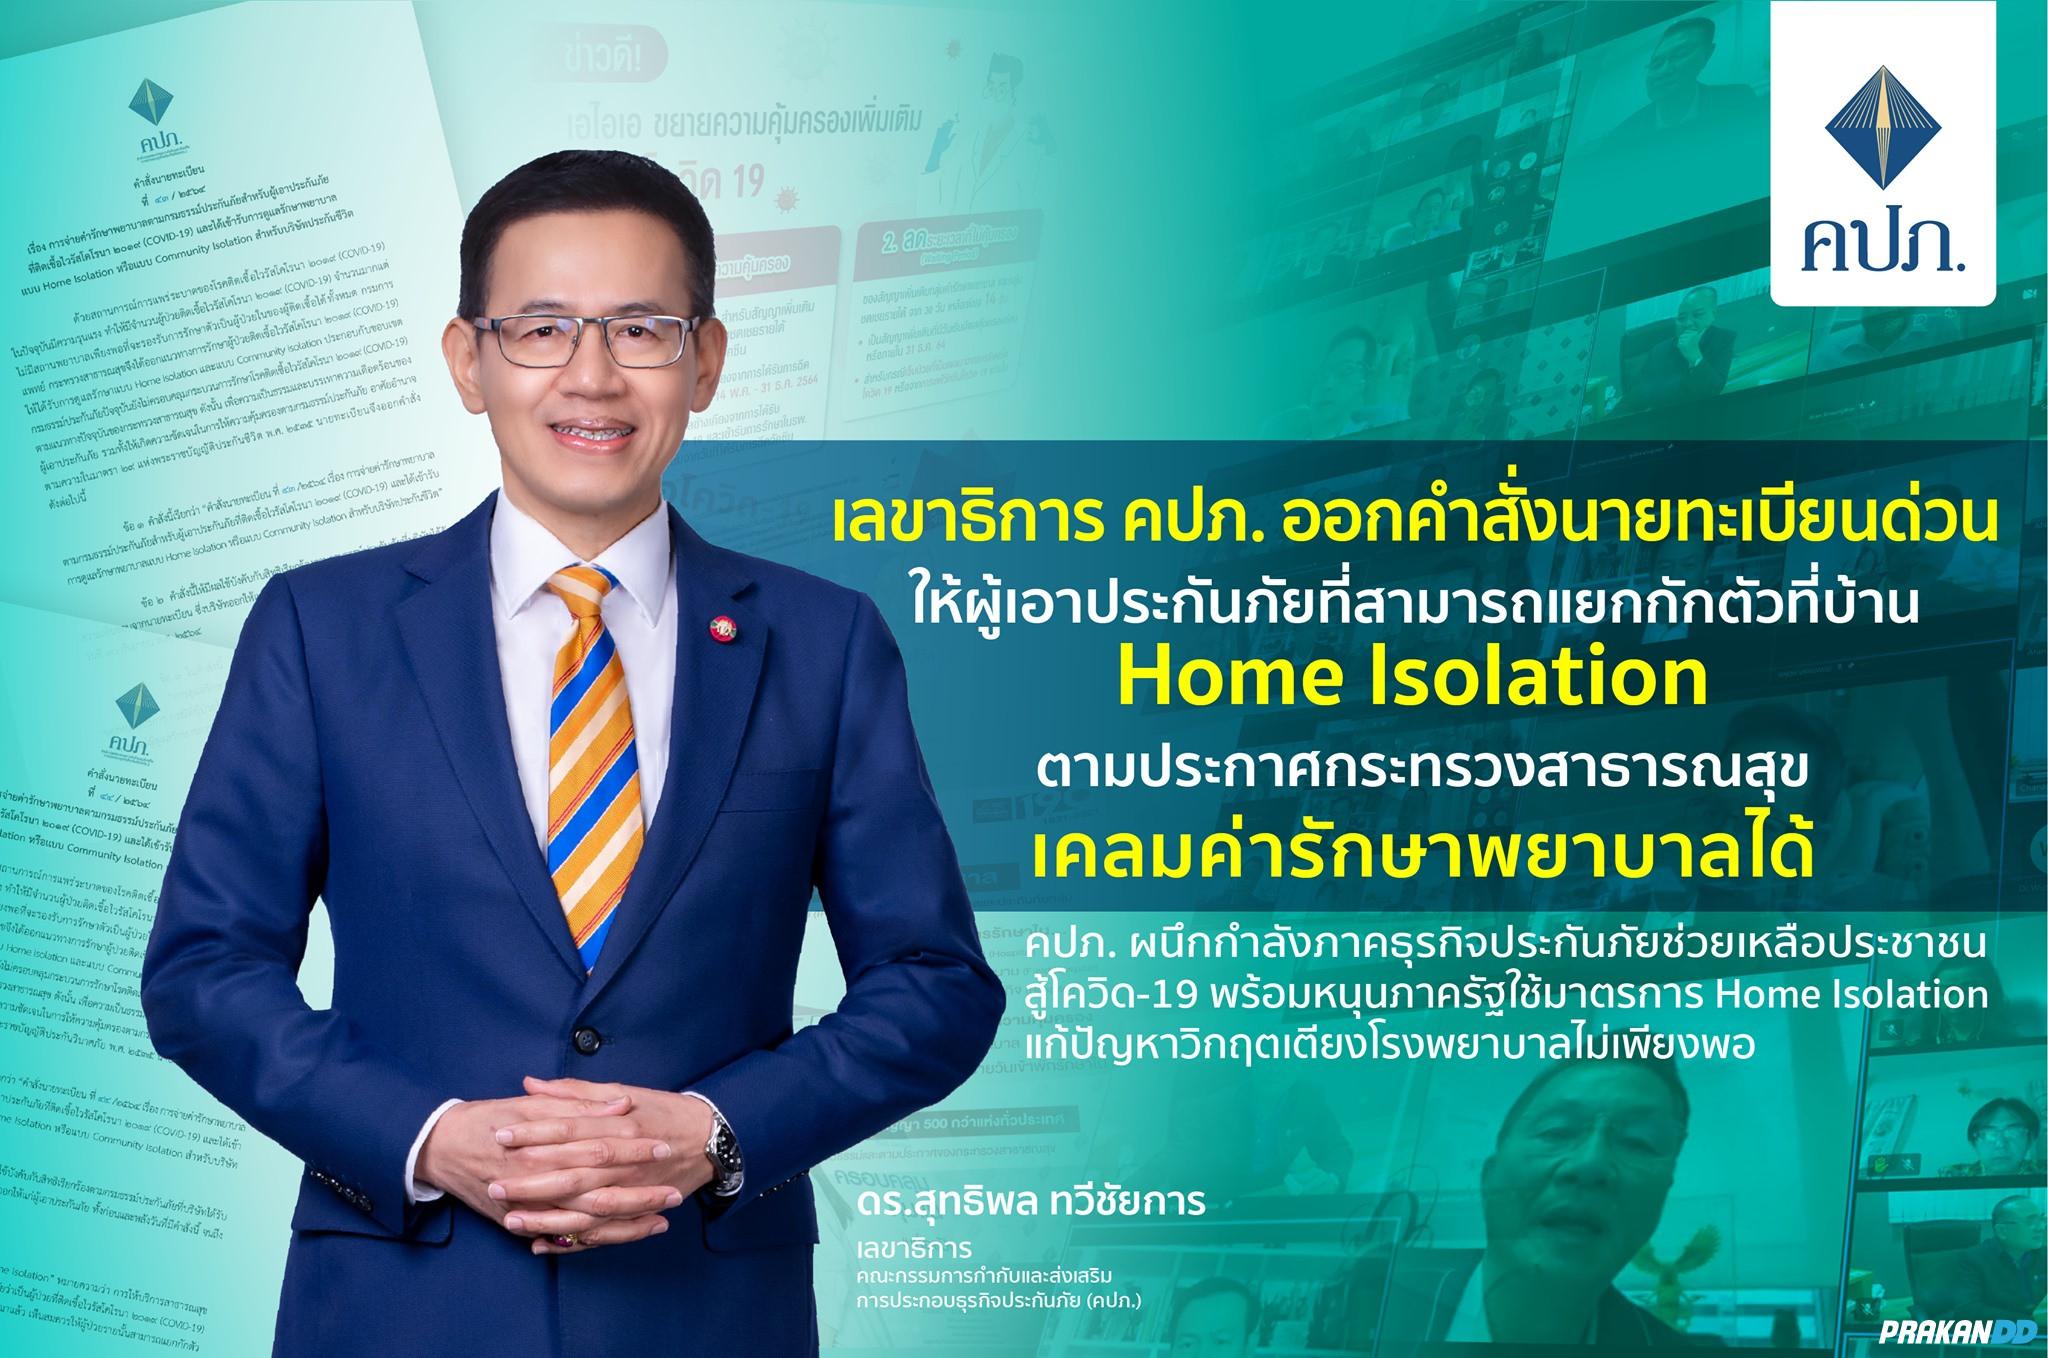 กักตัวที่บ้าน (Home Isolation) ก็คลมค่ารักษาพยาบาลได้